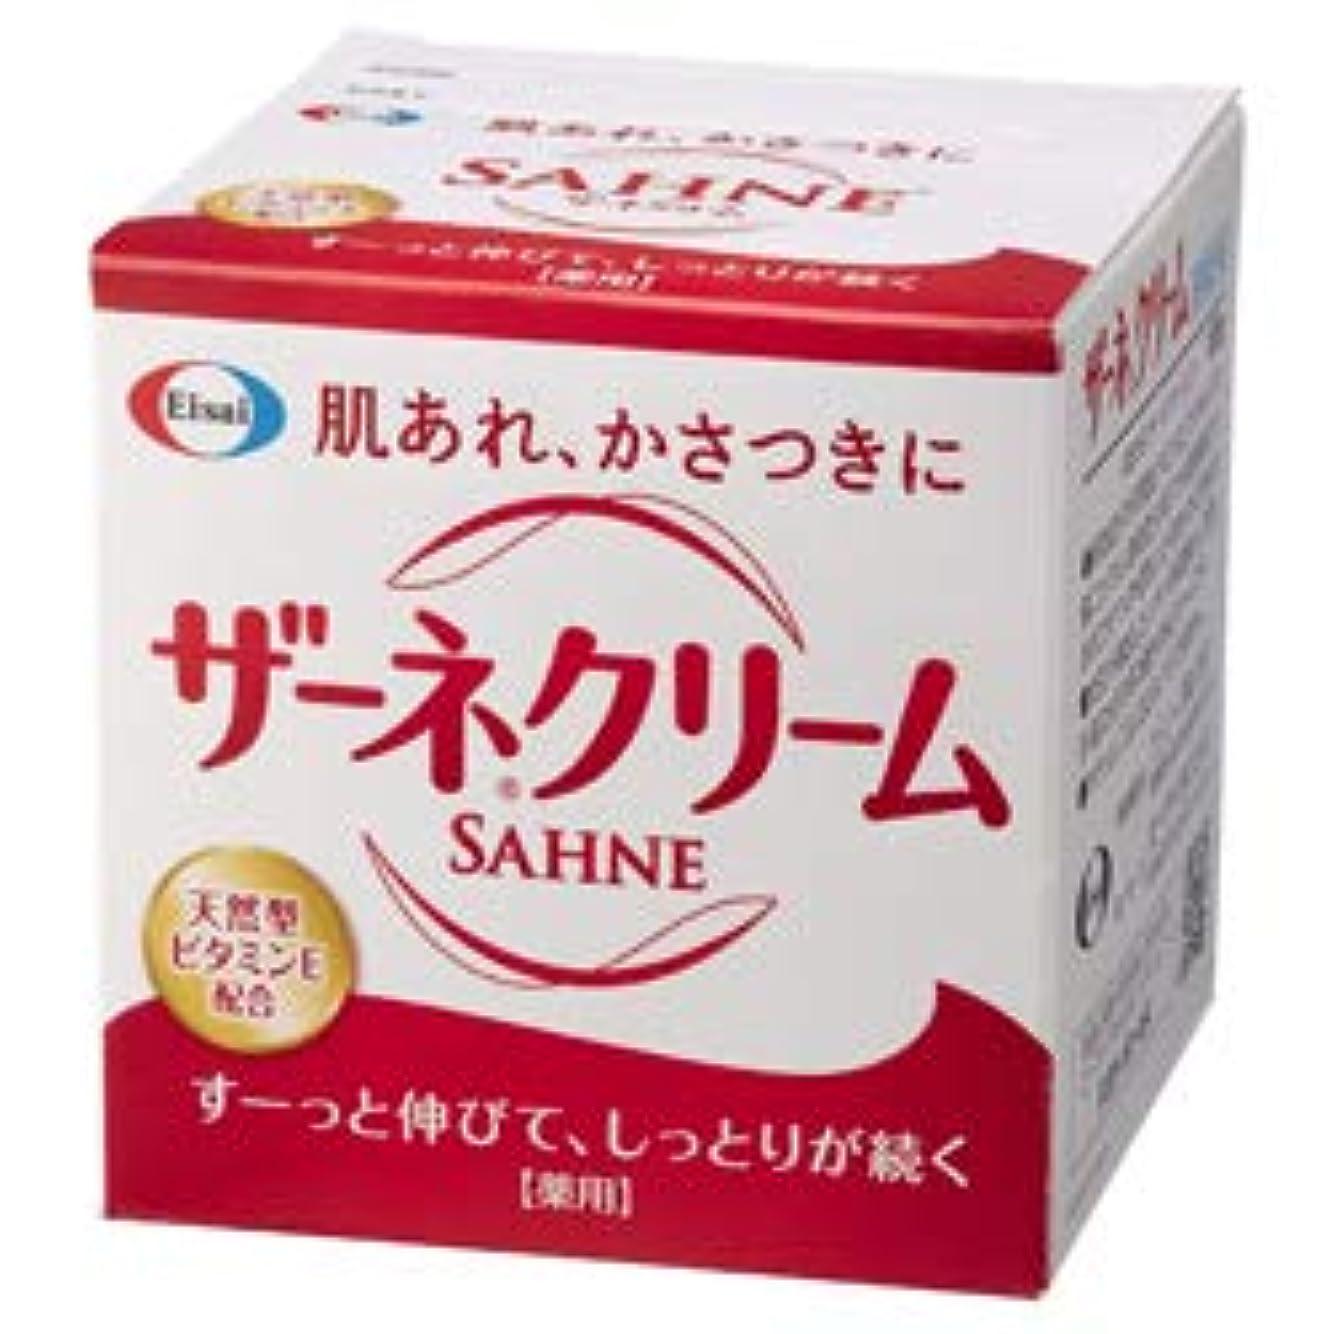 結果としてみぞれ安心【エーザイ】ザーネクリーム 100g(医薬部外品) ×5個セット